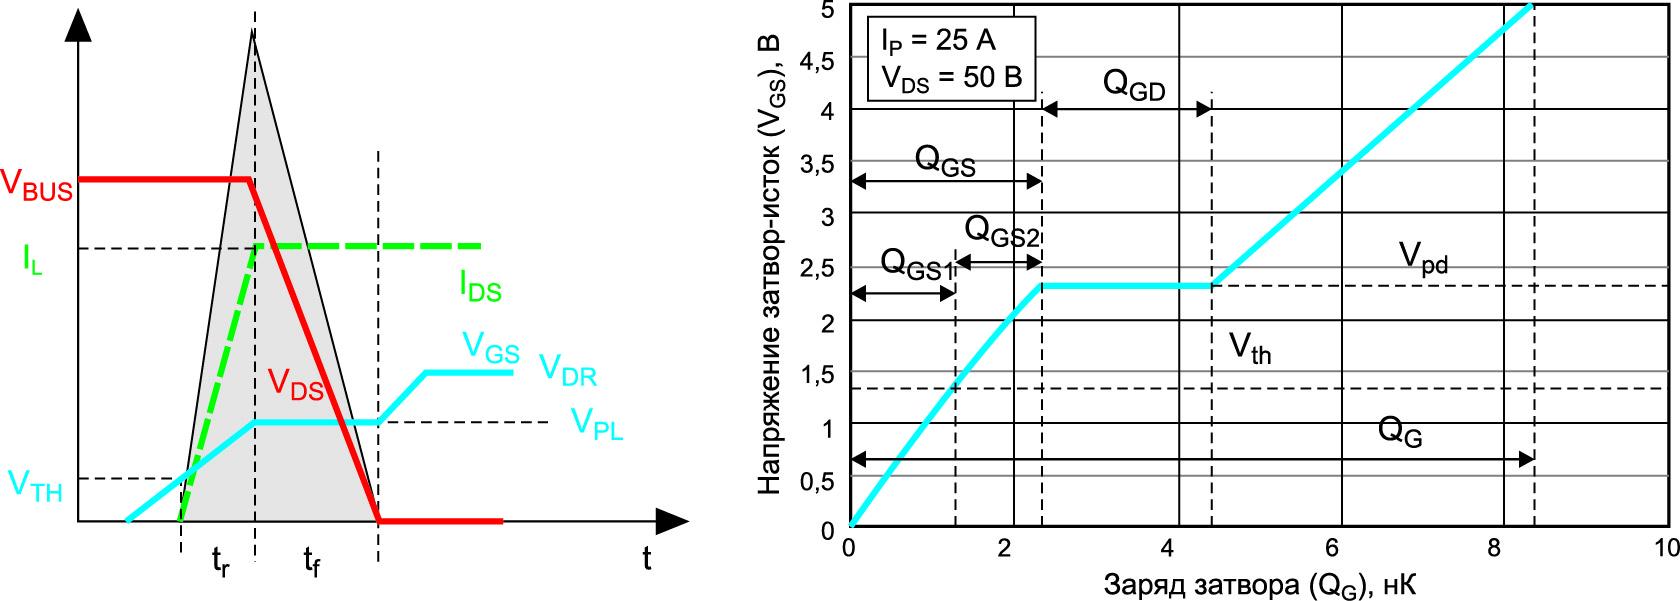 Идеализированная форма сигнала переключения, используемая для вычисления величины потерь на переключение, и соответствующая диаграмма заряда FET